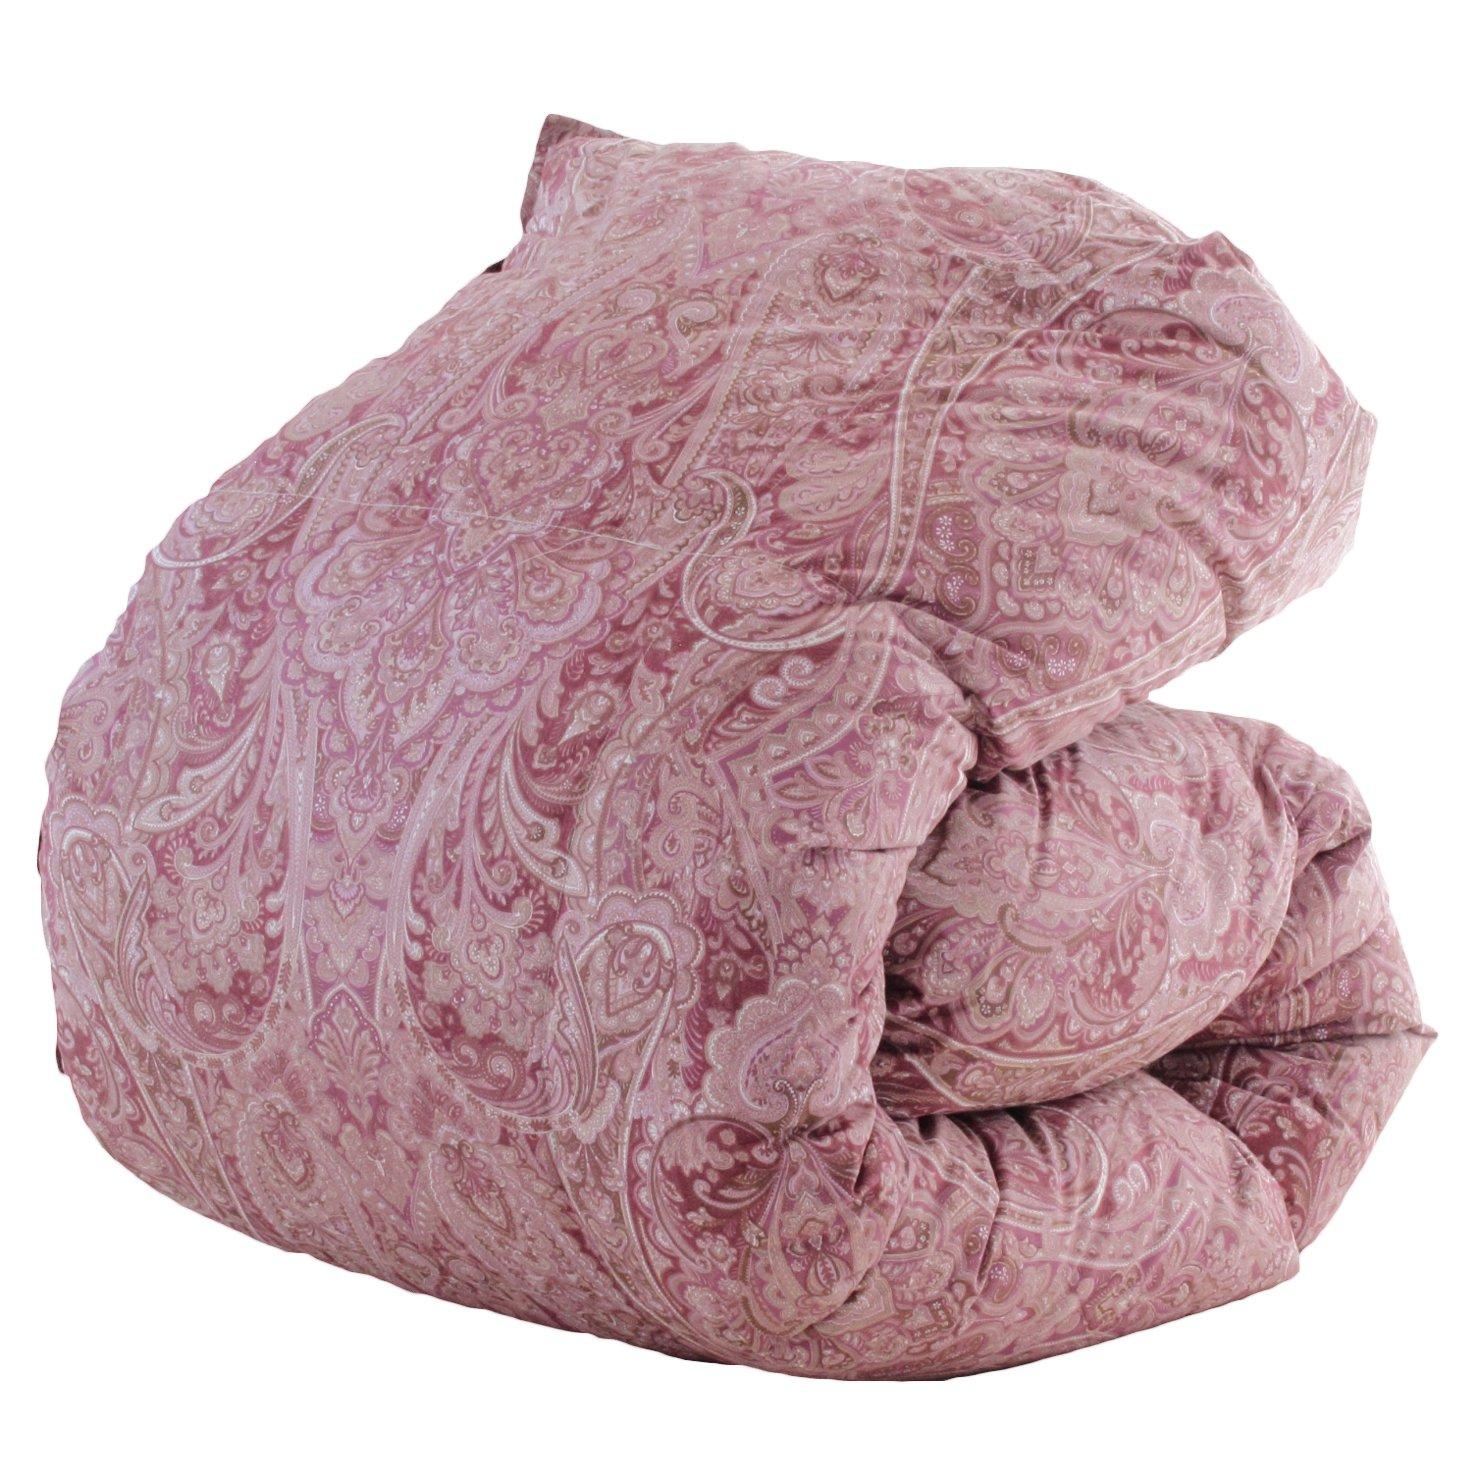 【今だけカバープレゼント/柄や品質は当店おまかせ】昭和西川 羽毛布団 マザーホワイトグース93% DP420以上 シングル 国産 ピンク色 B0755CGNLP